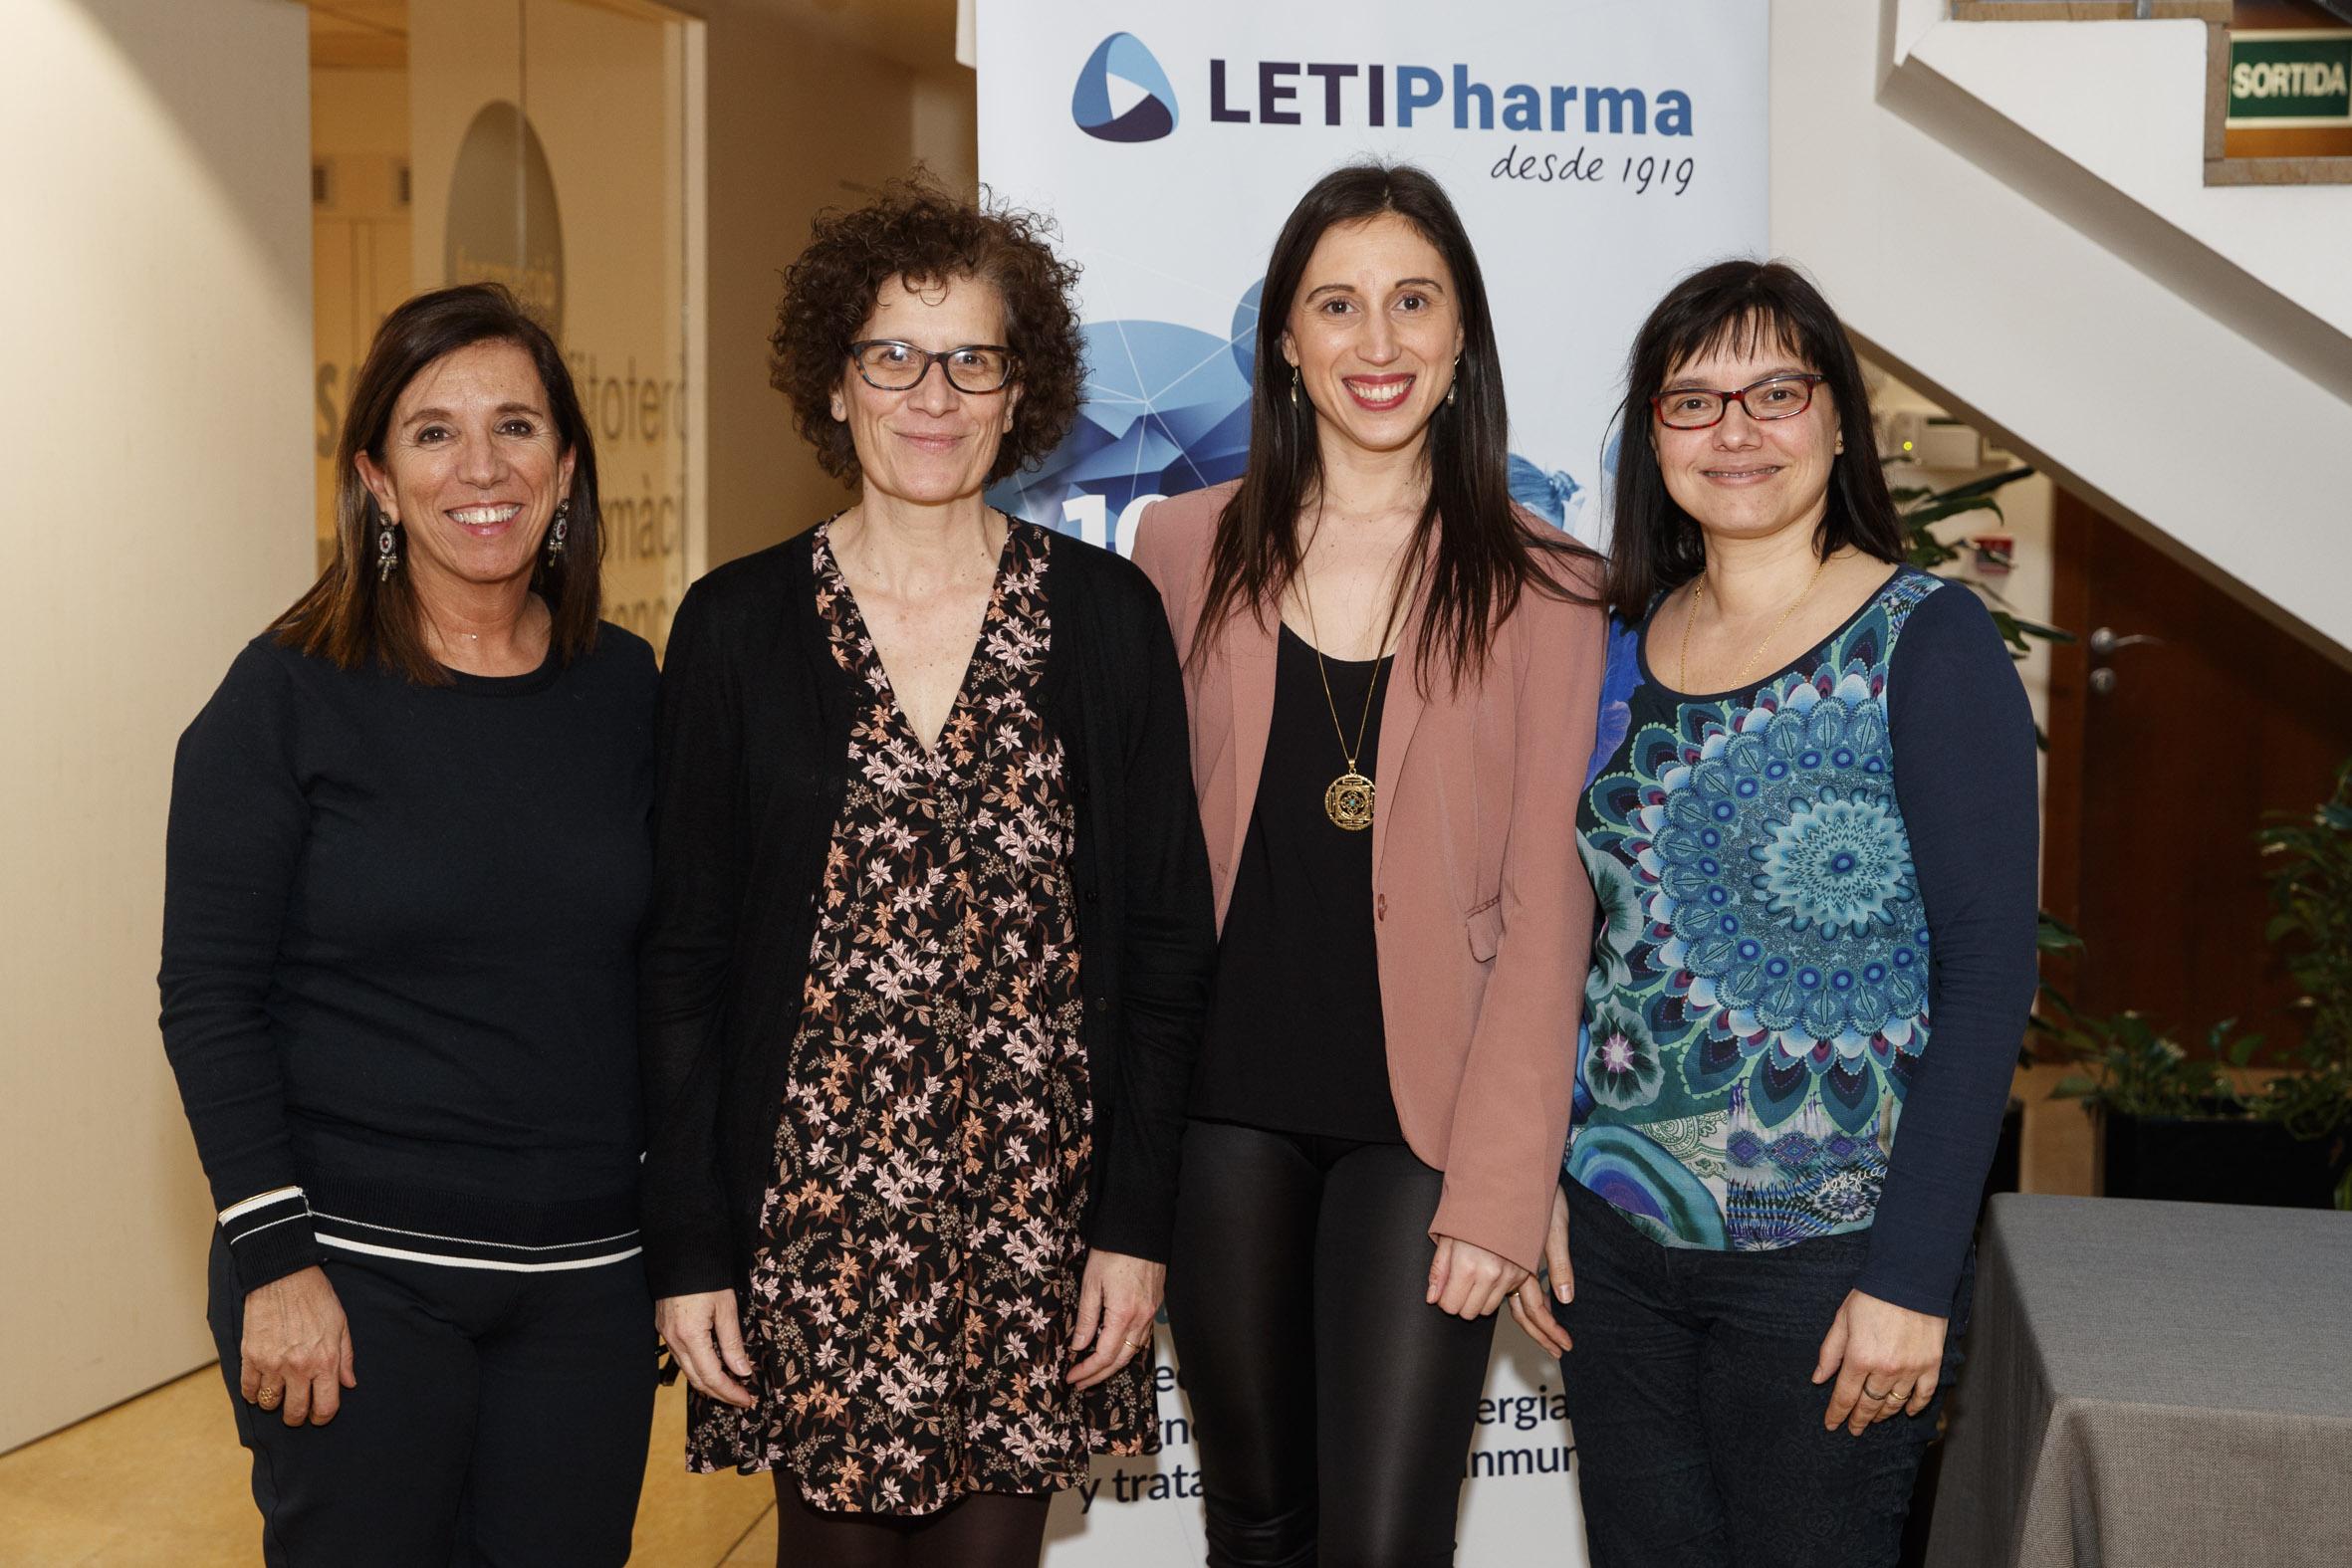 D'esquerra a dreta: Cristina Roure, vocal d'Hospitals del COFB; M. Teresa Dordal Culla, presidenta de la Societat Catalana d'Al·lèrgia i Immunologia Clínica, Clara Padró, membre del Comitè d'Al·lèrgia respiratòria de la SCAIC i Marta Viñas, cap del Servei d'Al·lèrgia del Consorci Sanitari de Terrassa.